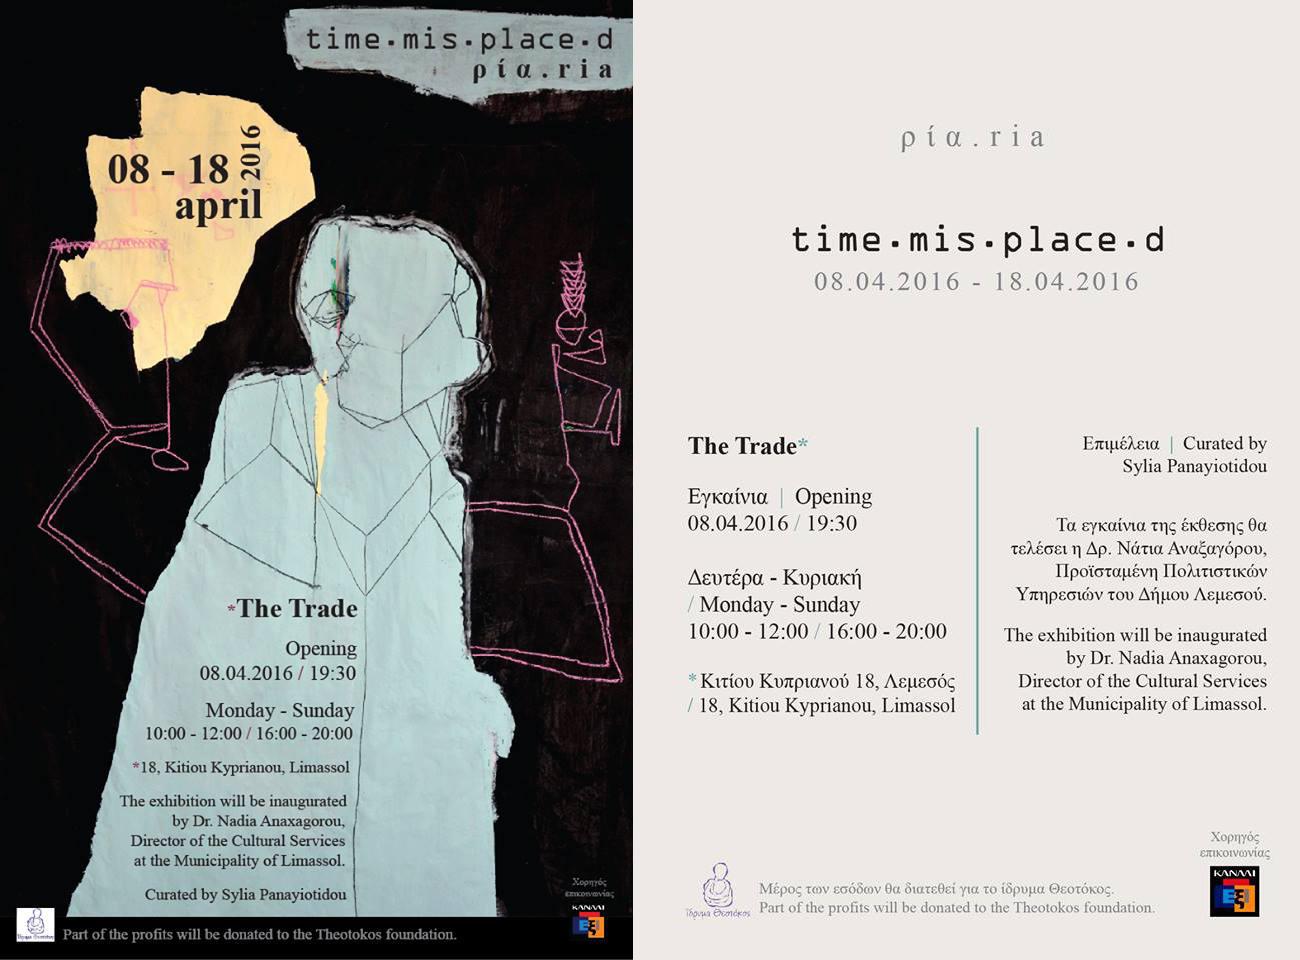 time.mis.place.d